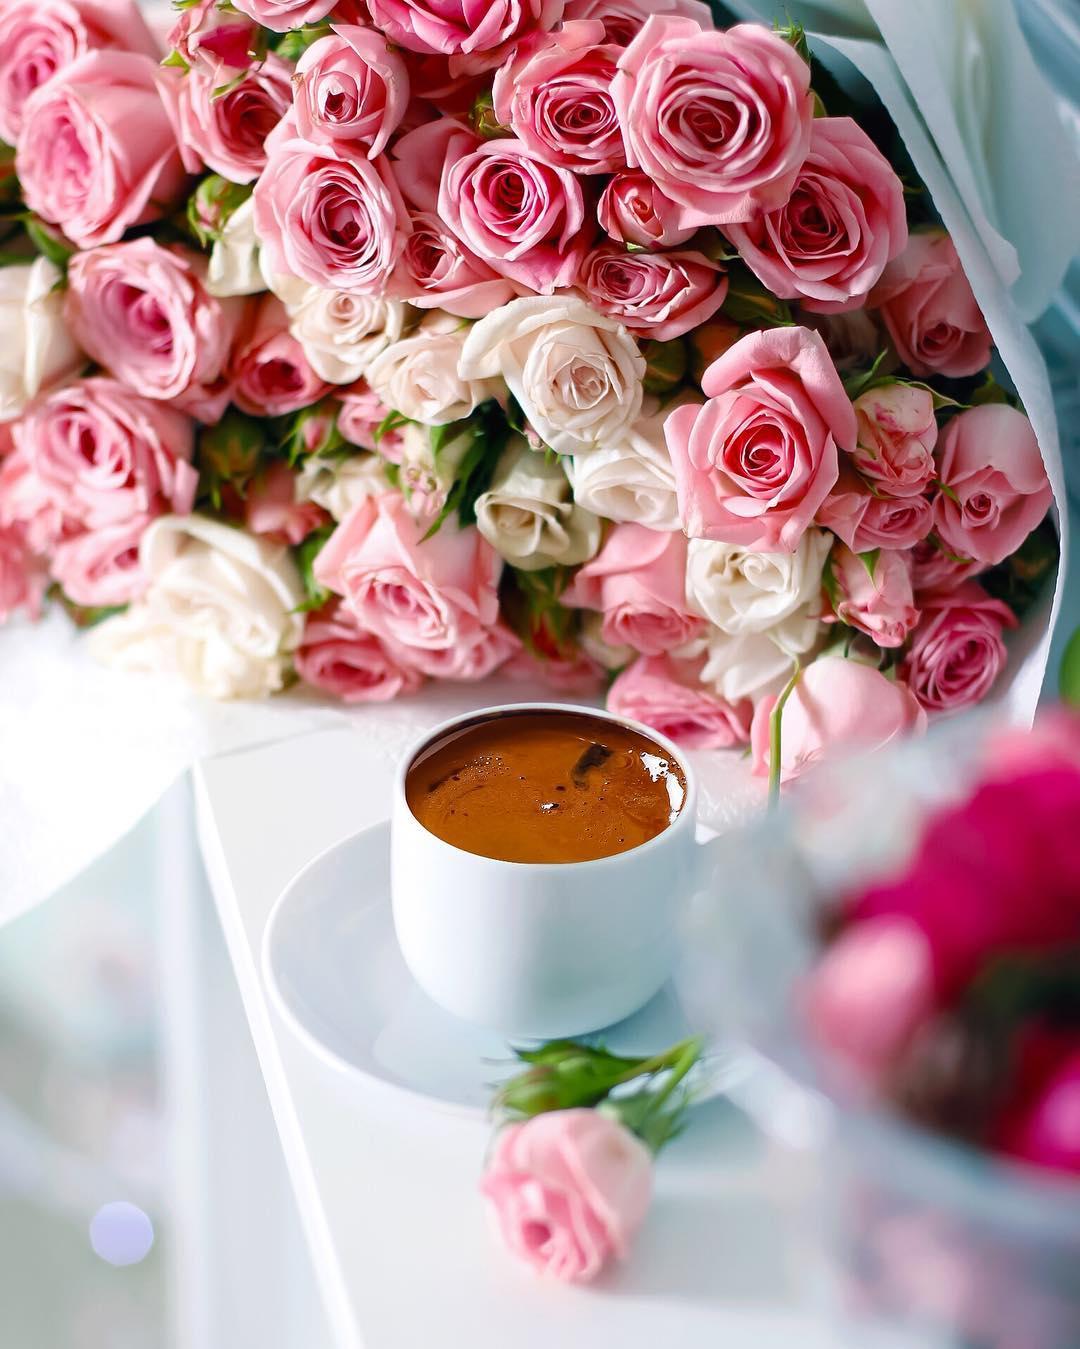 Музыкантам днем, картинки цветы и кофе красивые